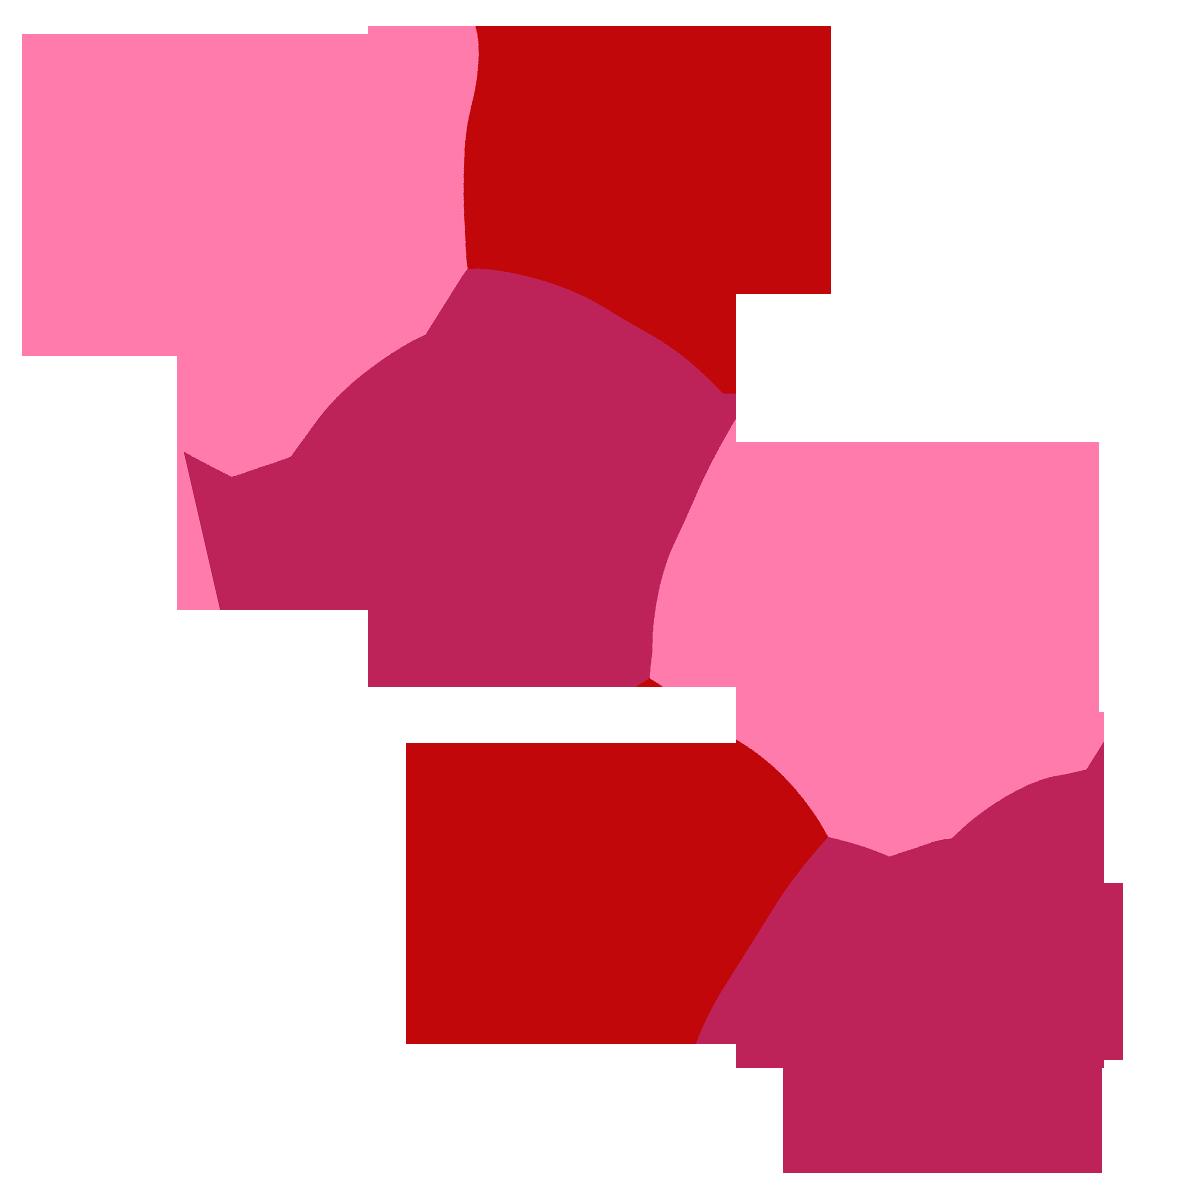 valentine clip art creative wallpaper background